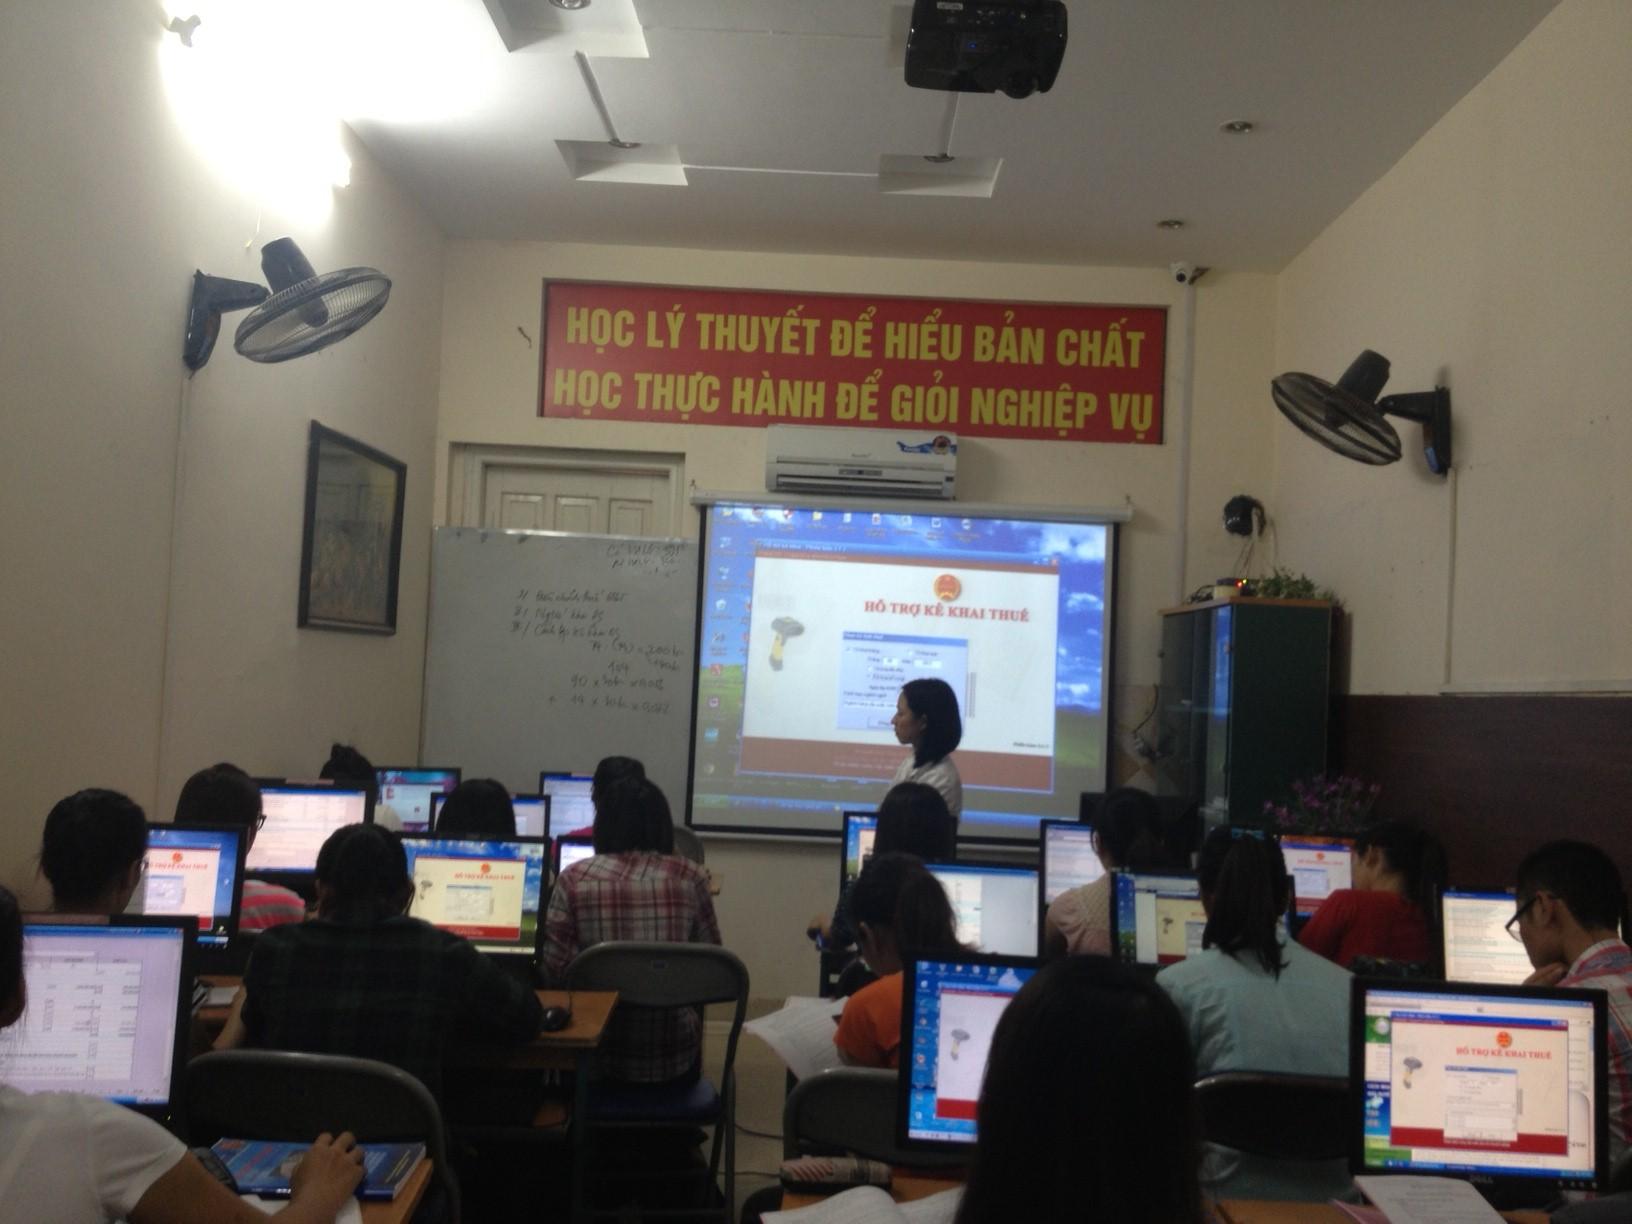 Hình ảnh: Lớp học kế toán tổng hợp thực hành